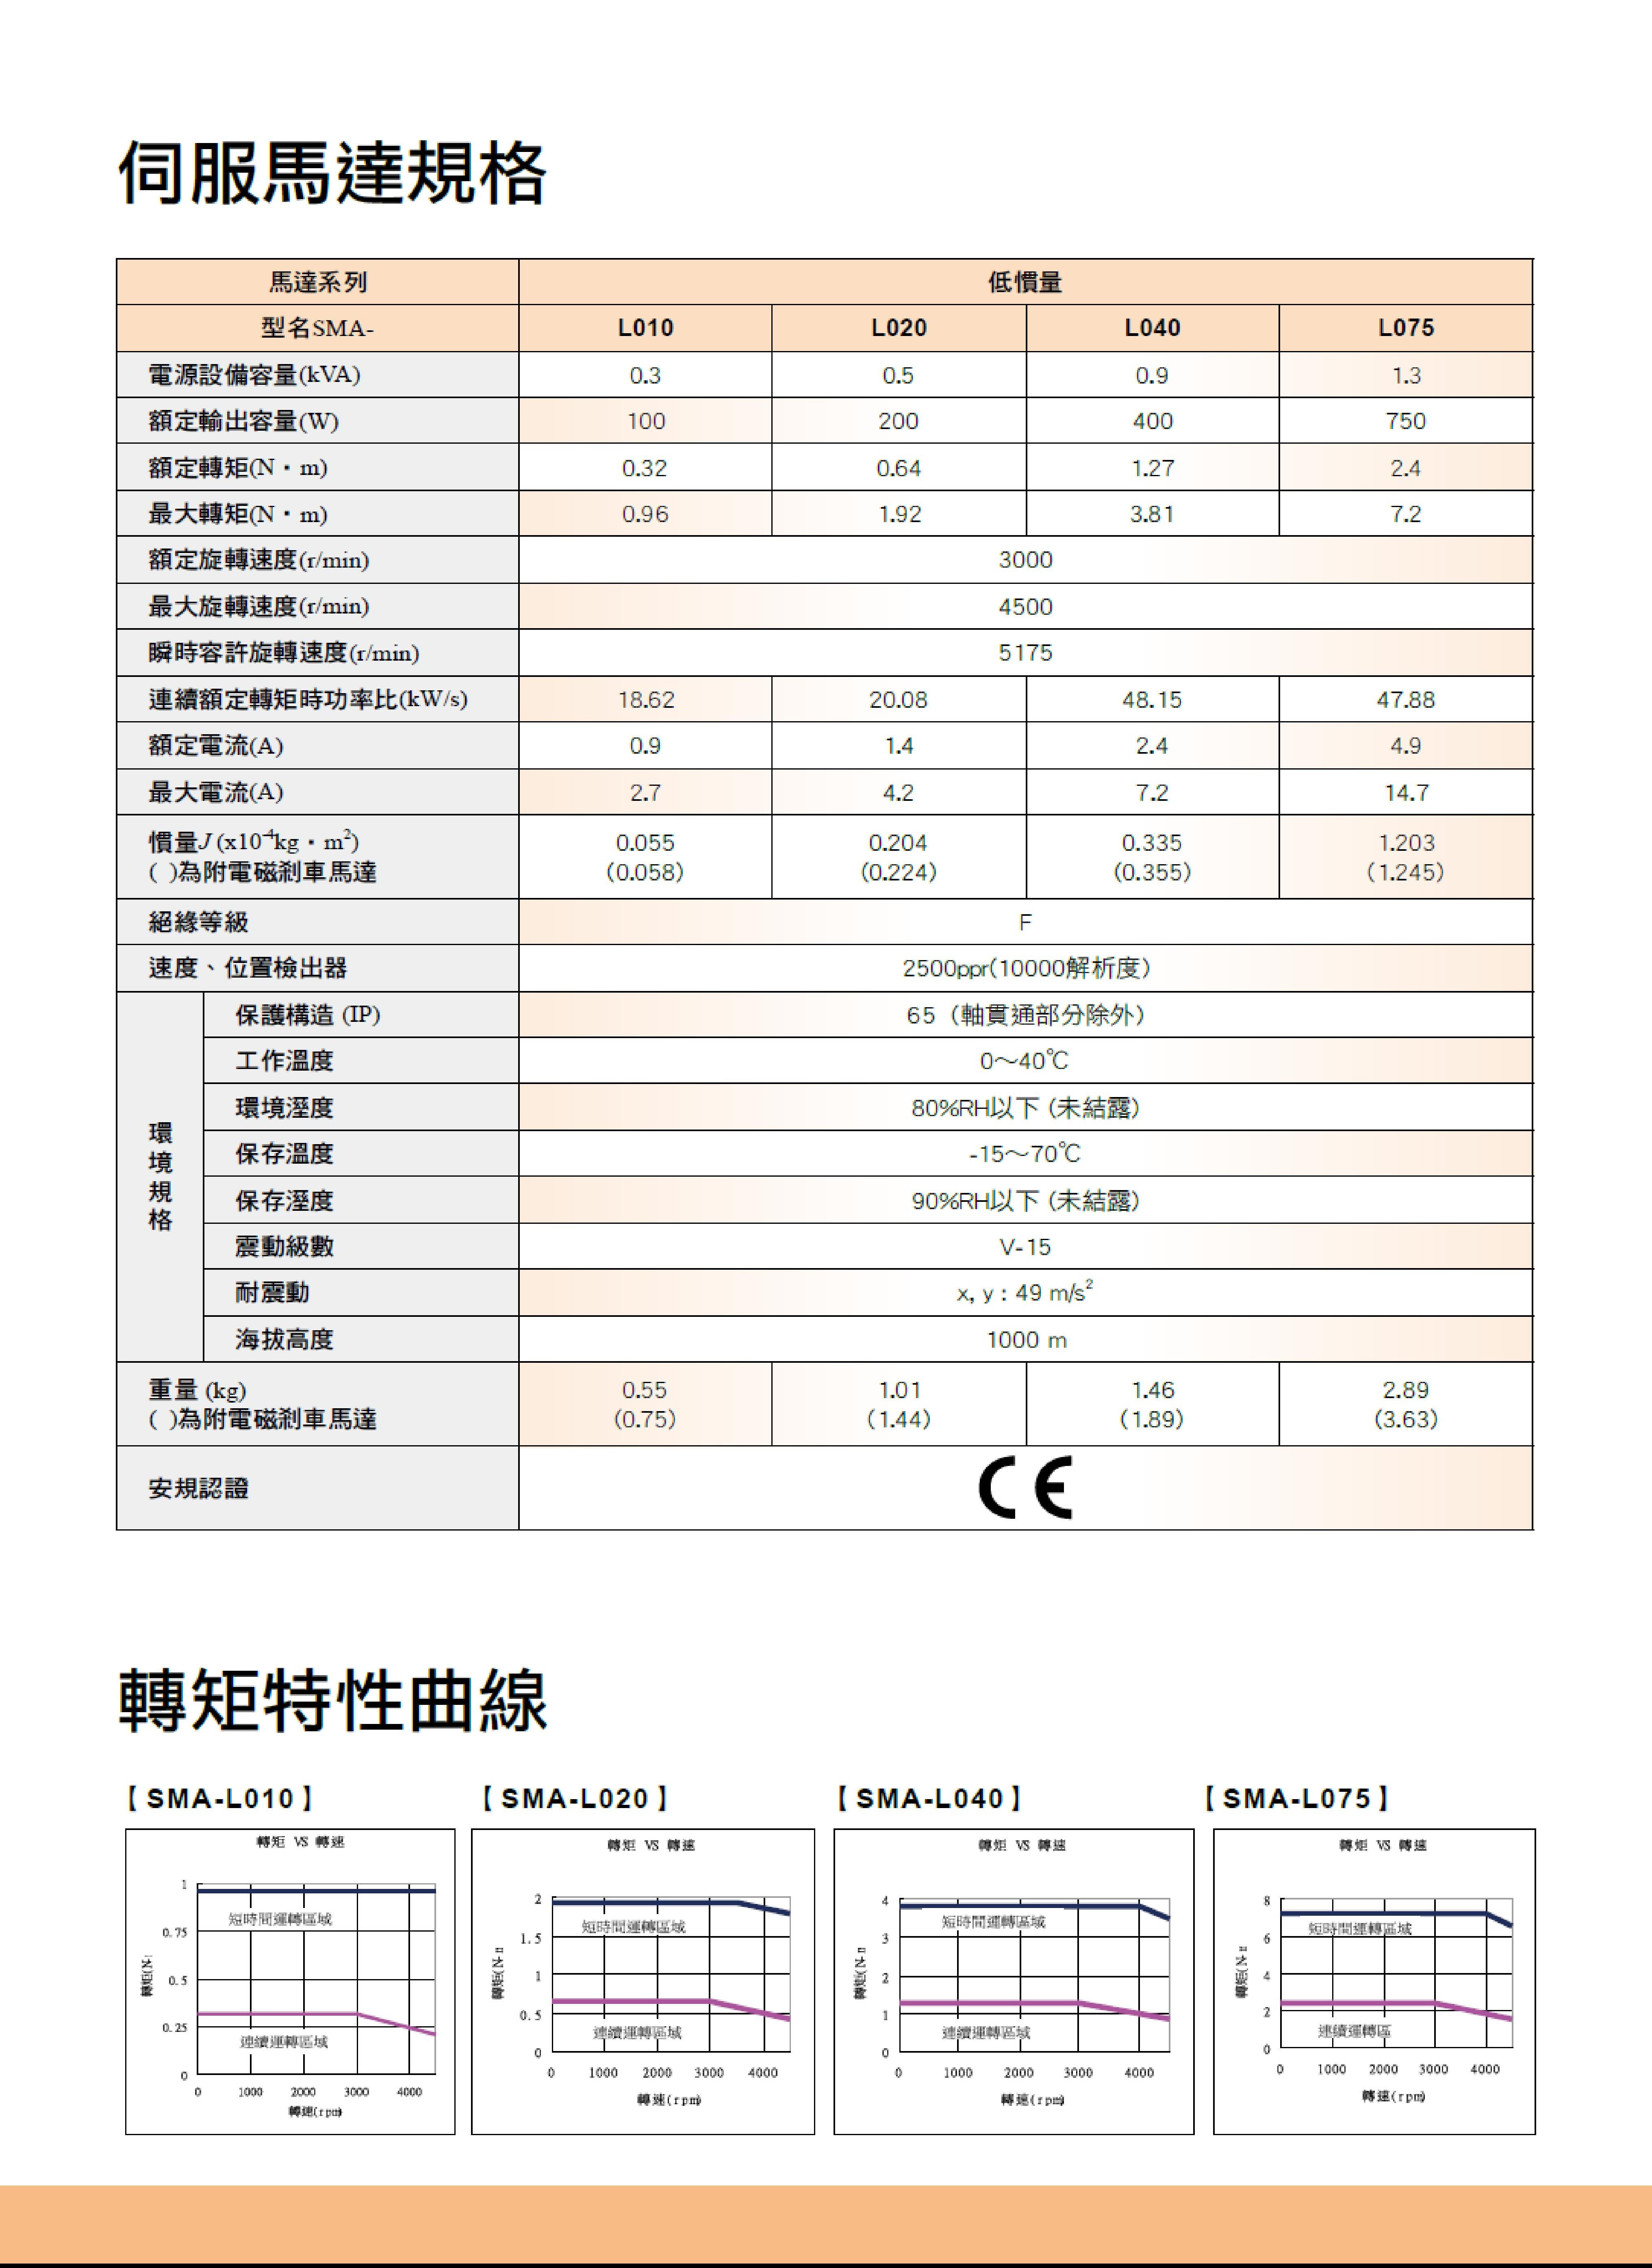 SDB 規格_CN_1.jpg